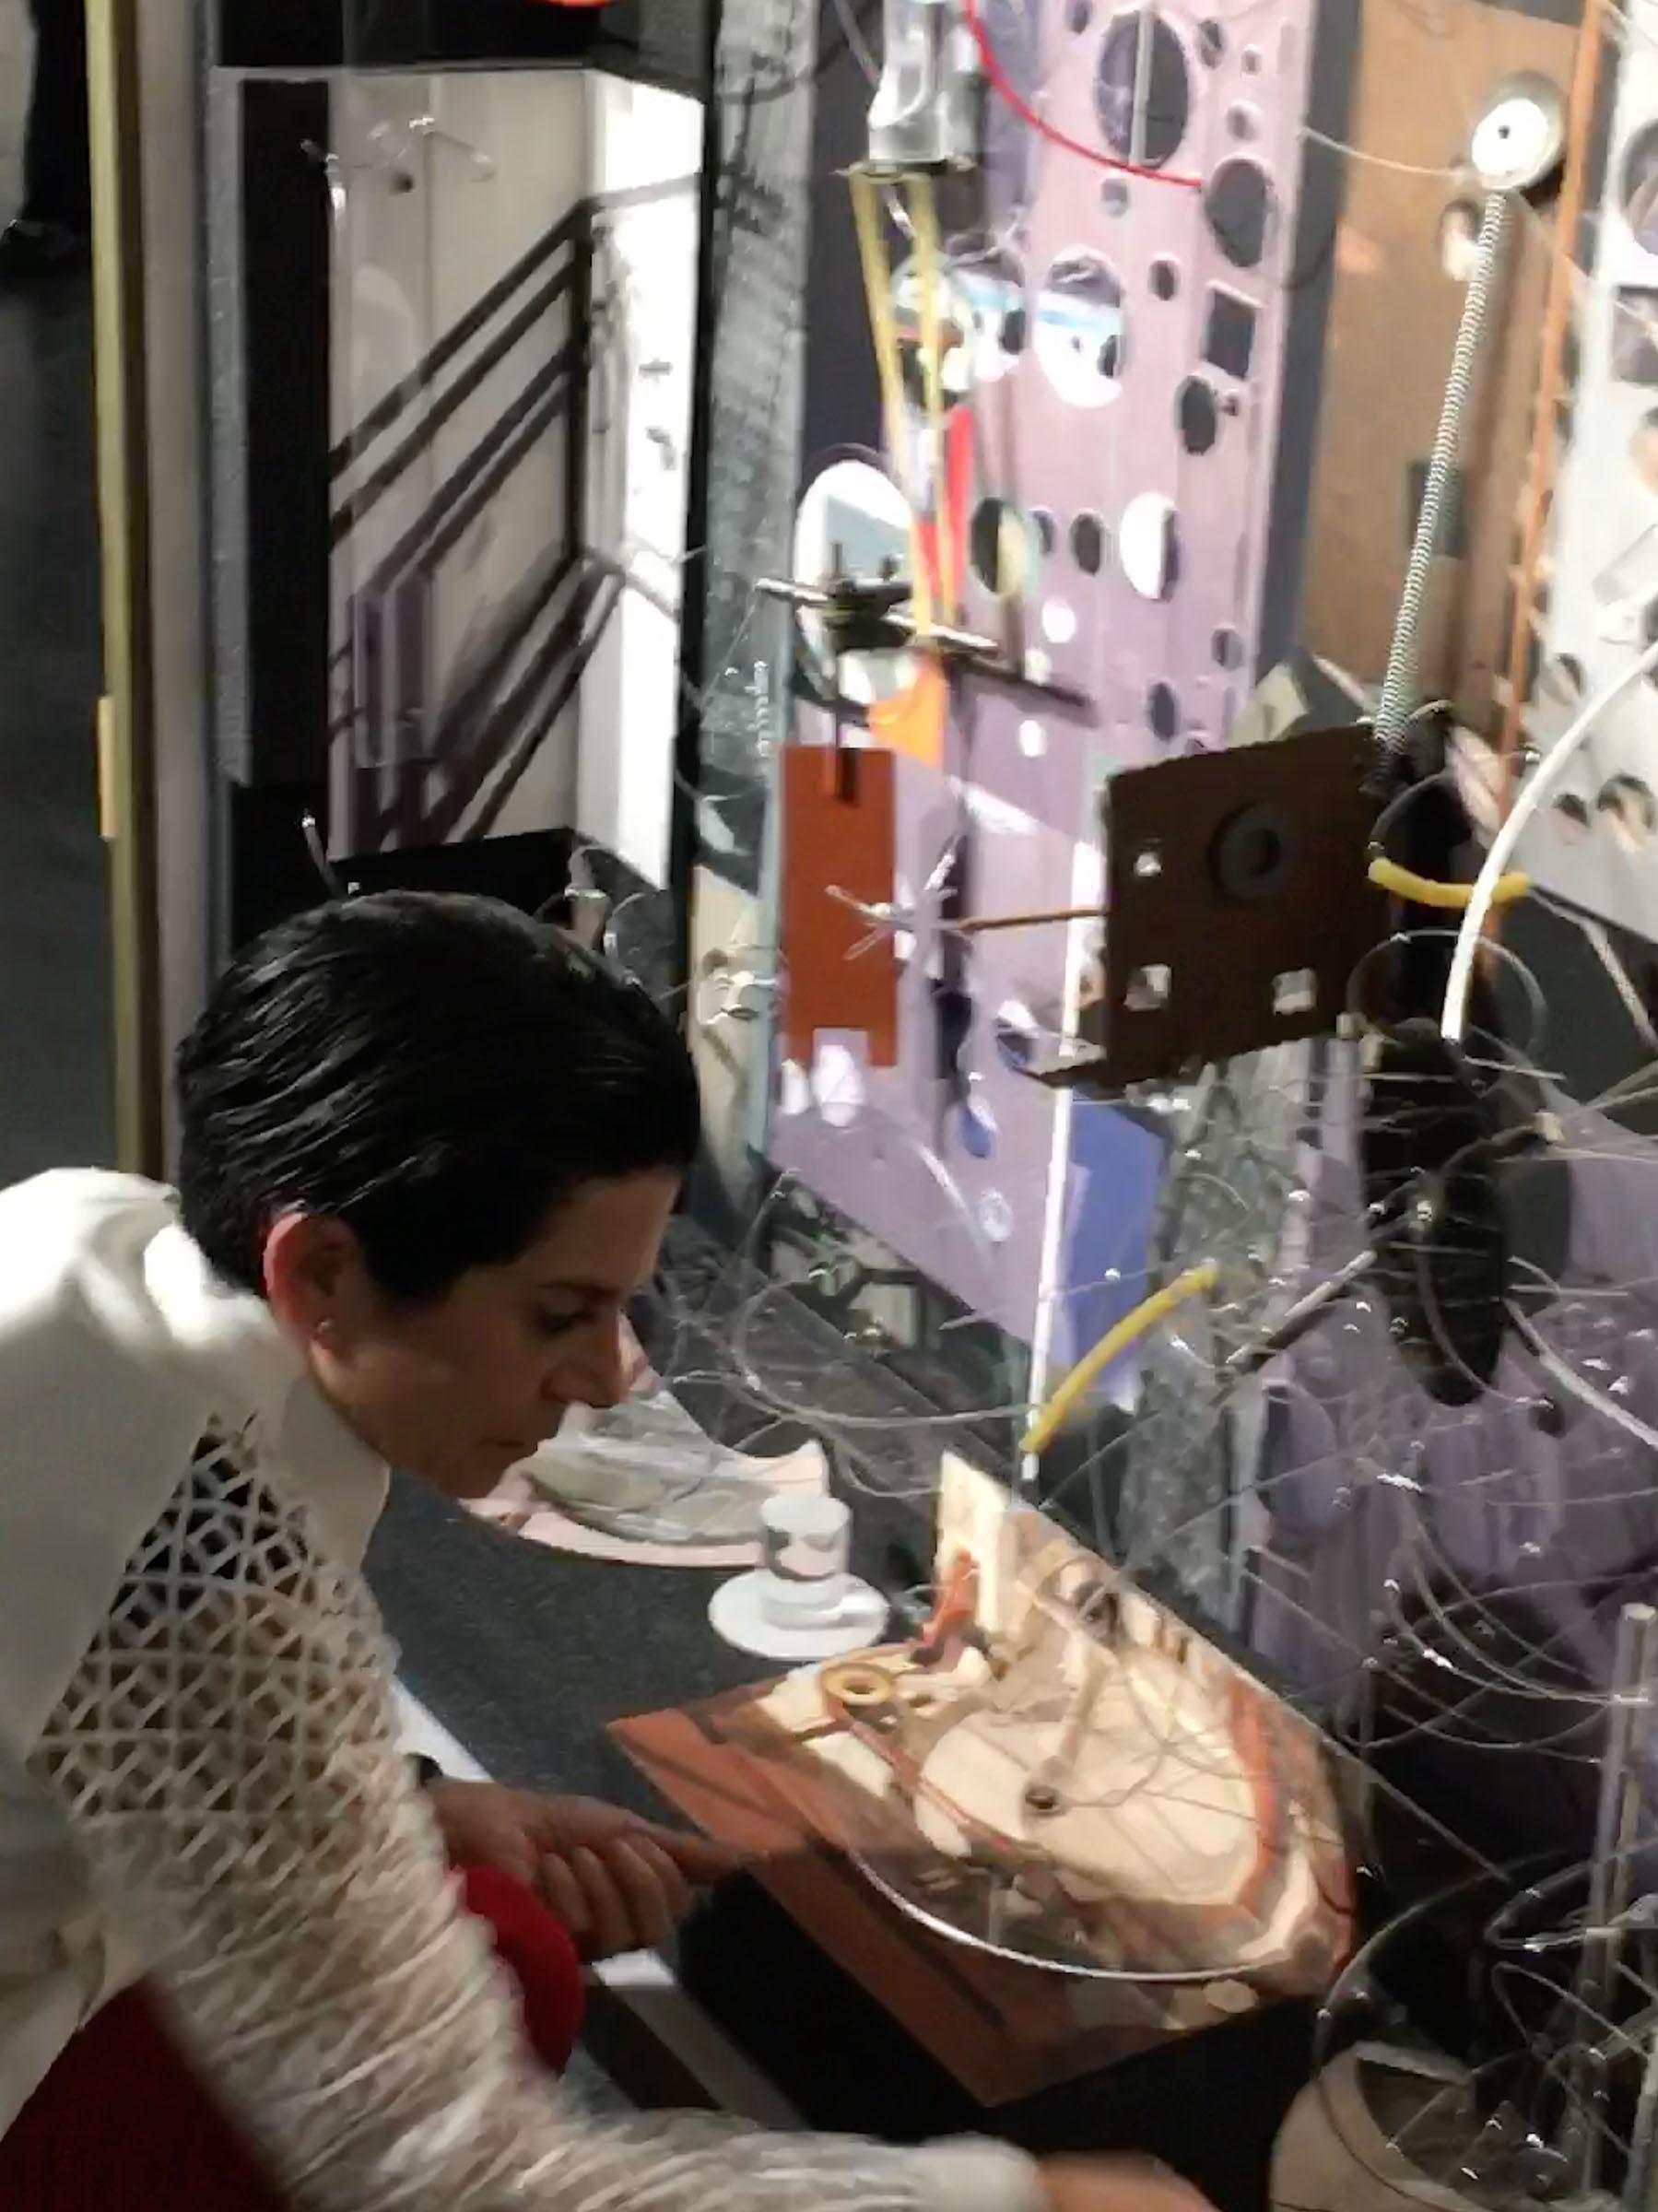 María Martínez-Cañas observando su obra en el Coral Gables Museum.